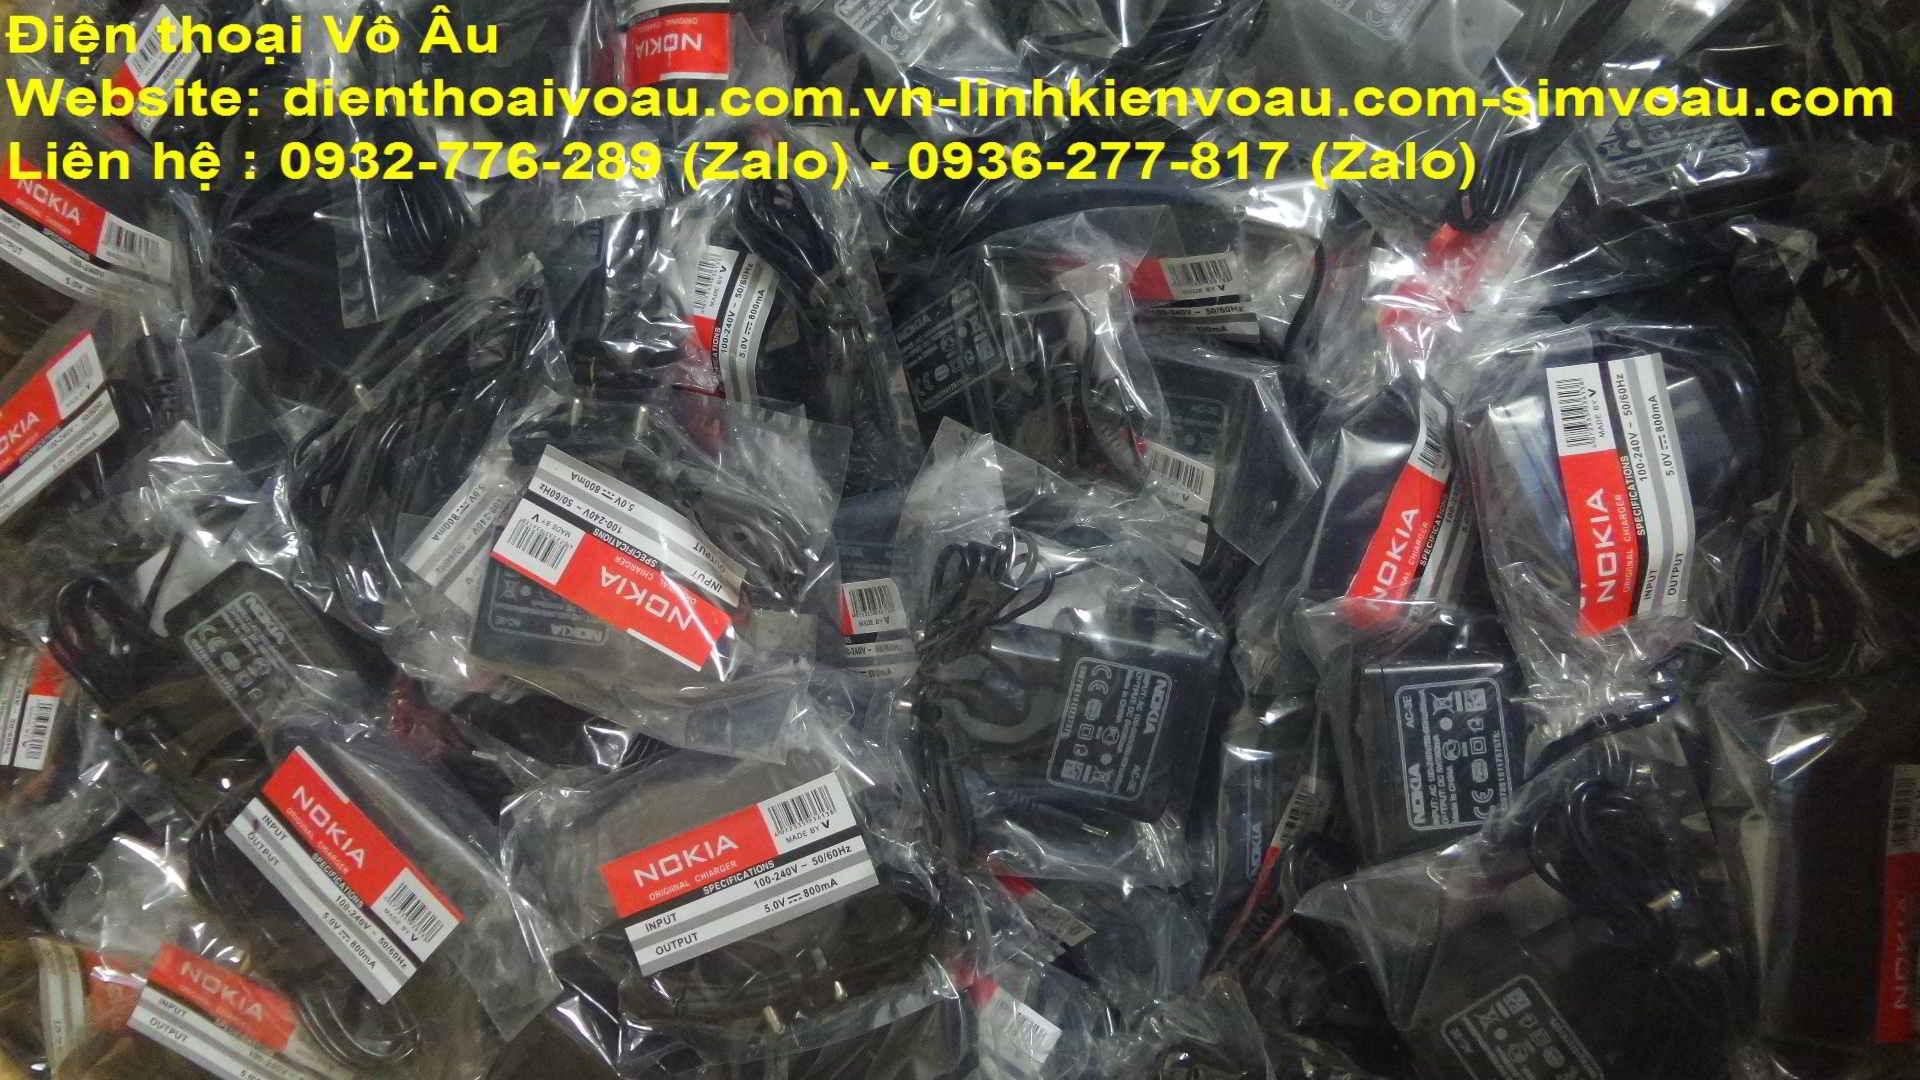 Điện thoại Vô Âu-Chuyên cung cấp sạc nokia chuôi nhỏ,lớn,samsung 8600,j7,sạc motorola V3,sạc sony cổ